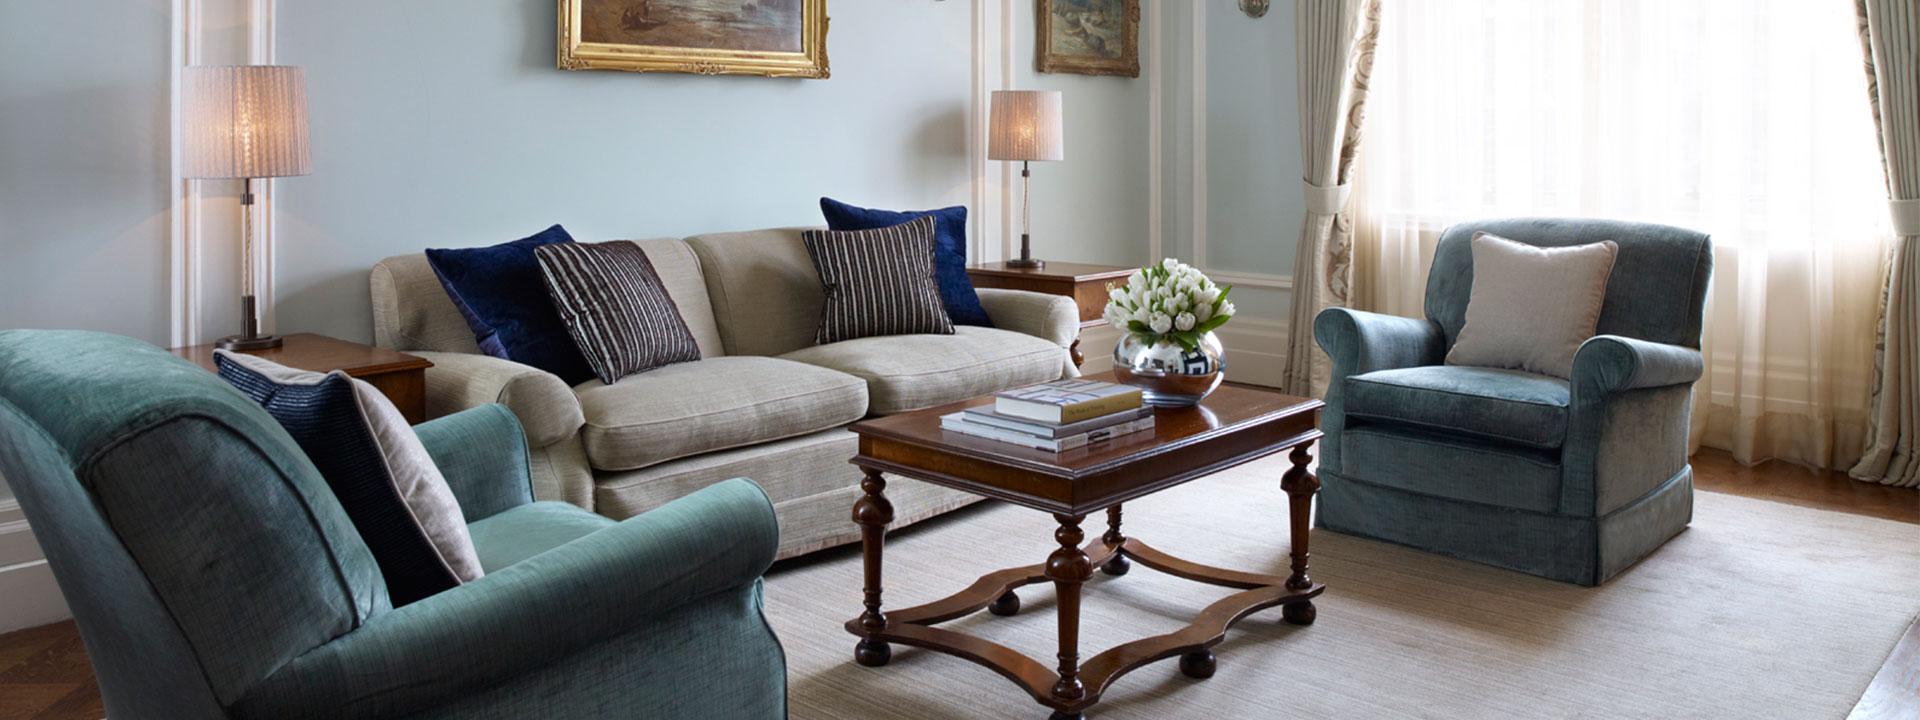 Carlos Suite Sitting Room